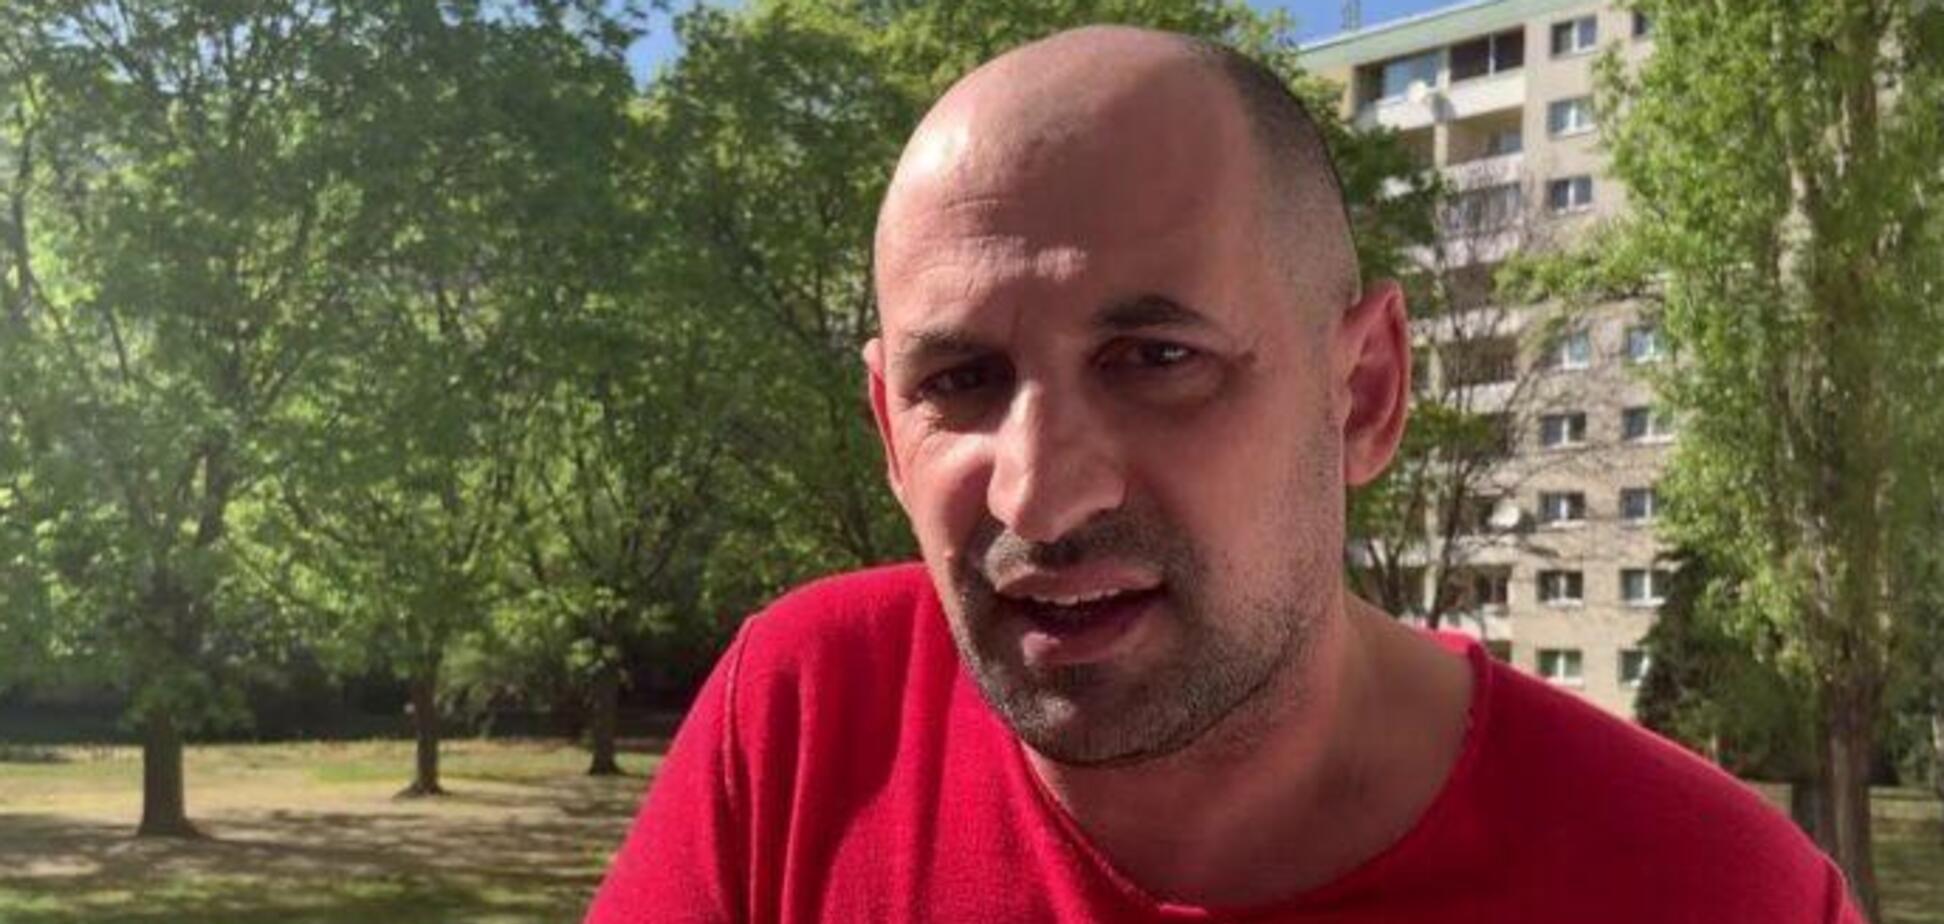 Спецслужби Австрії запропонували Маміхану Умарову особисту охорону, але він відмовився